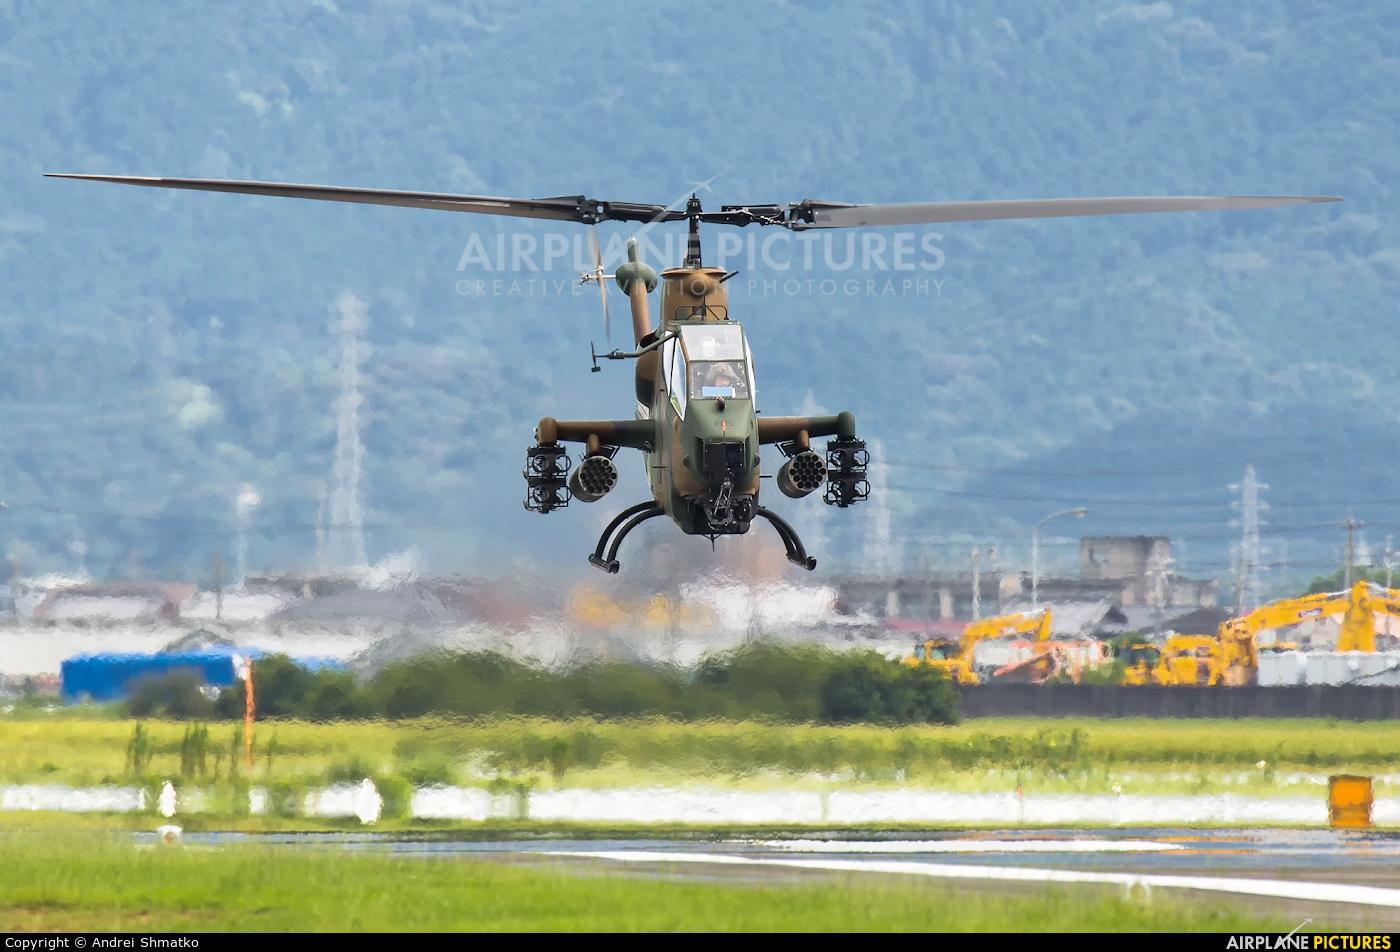 Japan - Ground Self Defense Force 73485 aircraft at Akeno Air Field